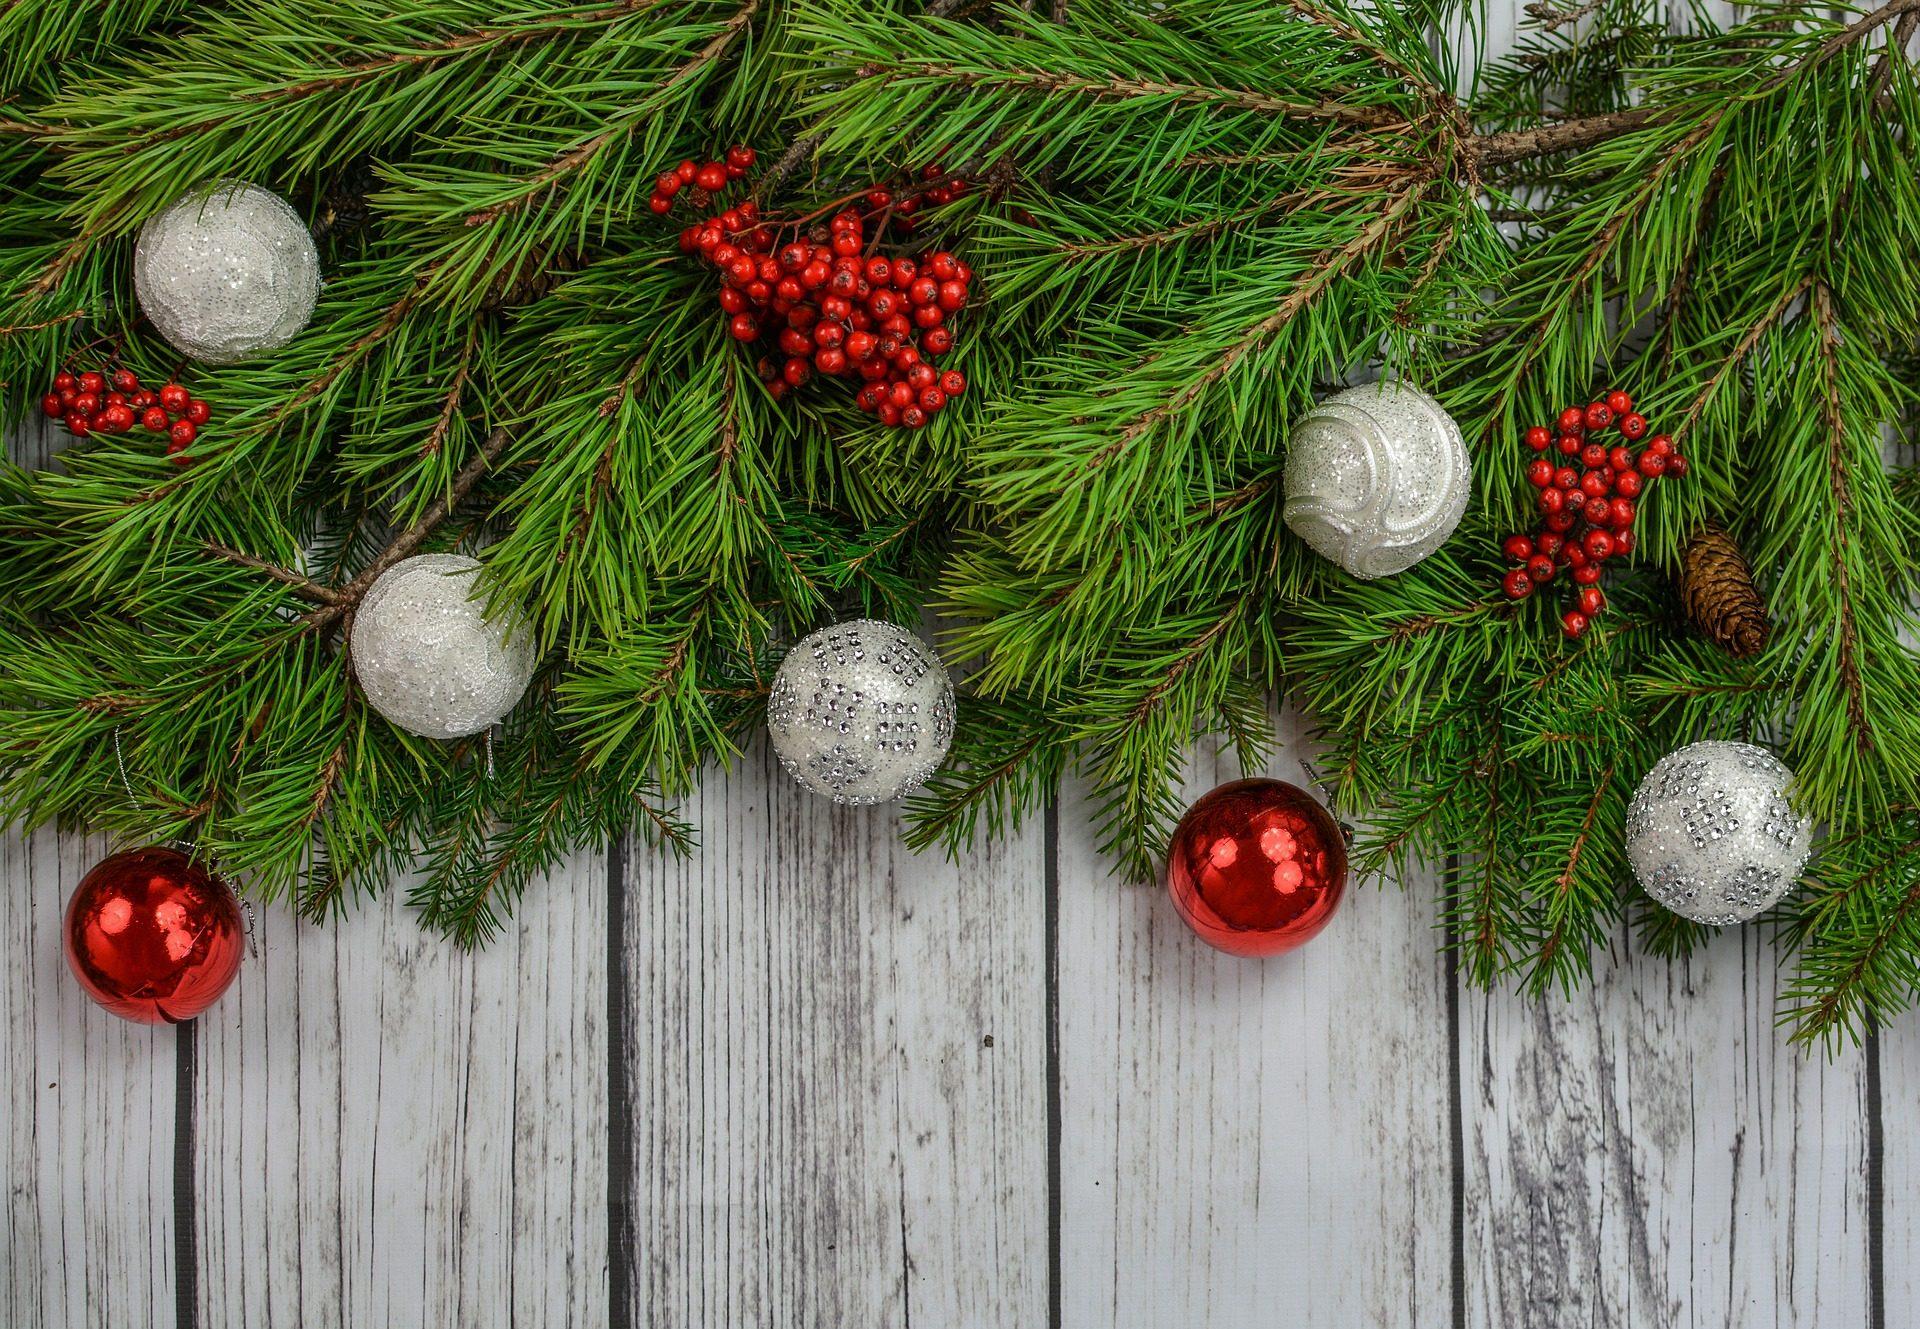 枝, 装飾品, ボール, シーンズ, 木材, クリスマス - HD の壁紙 - 教授-falken.com